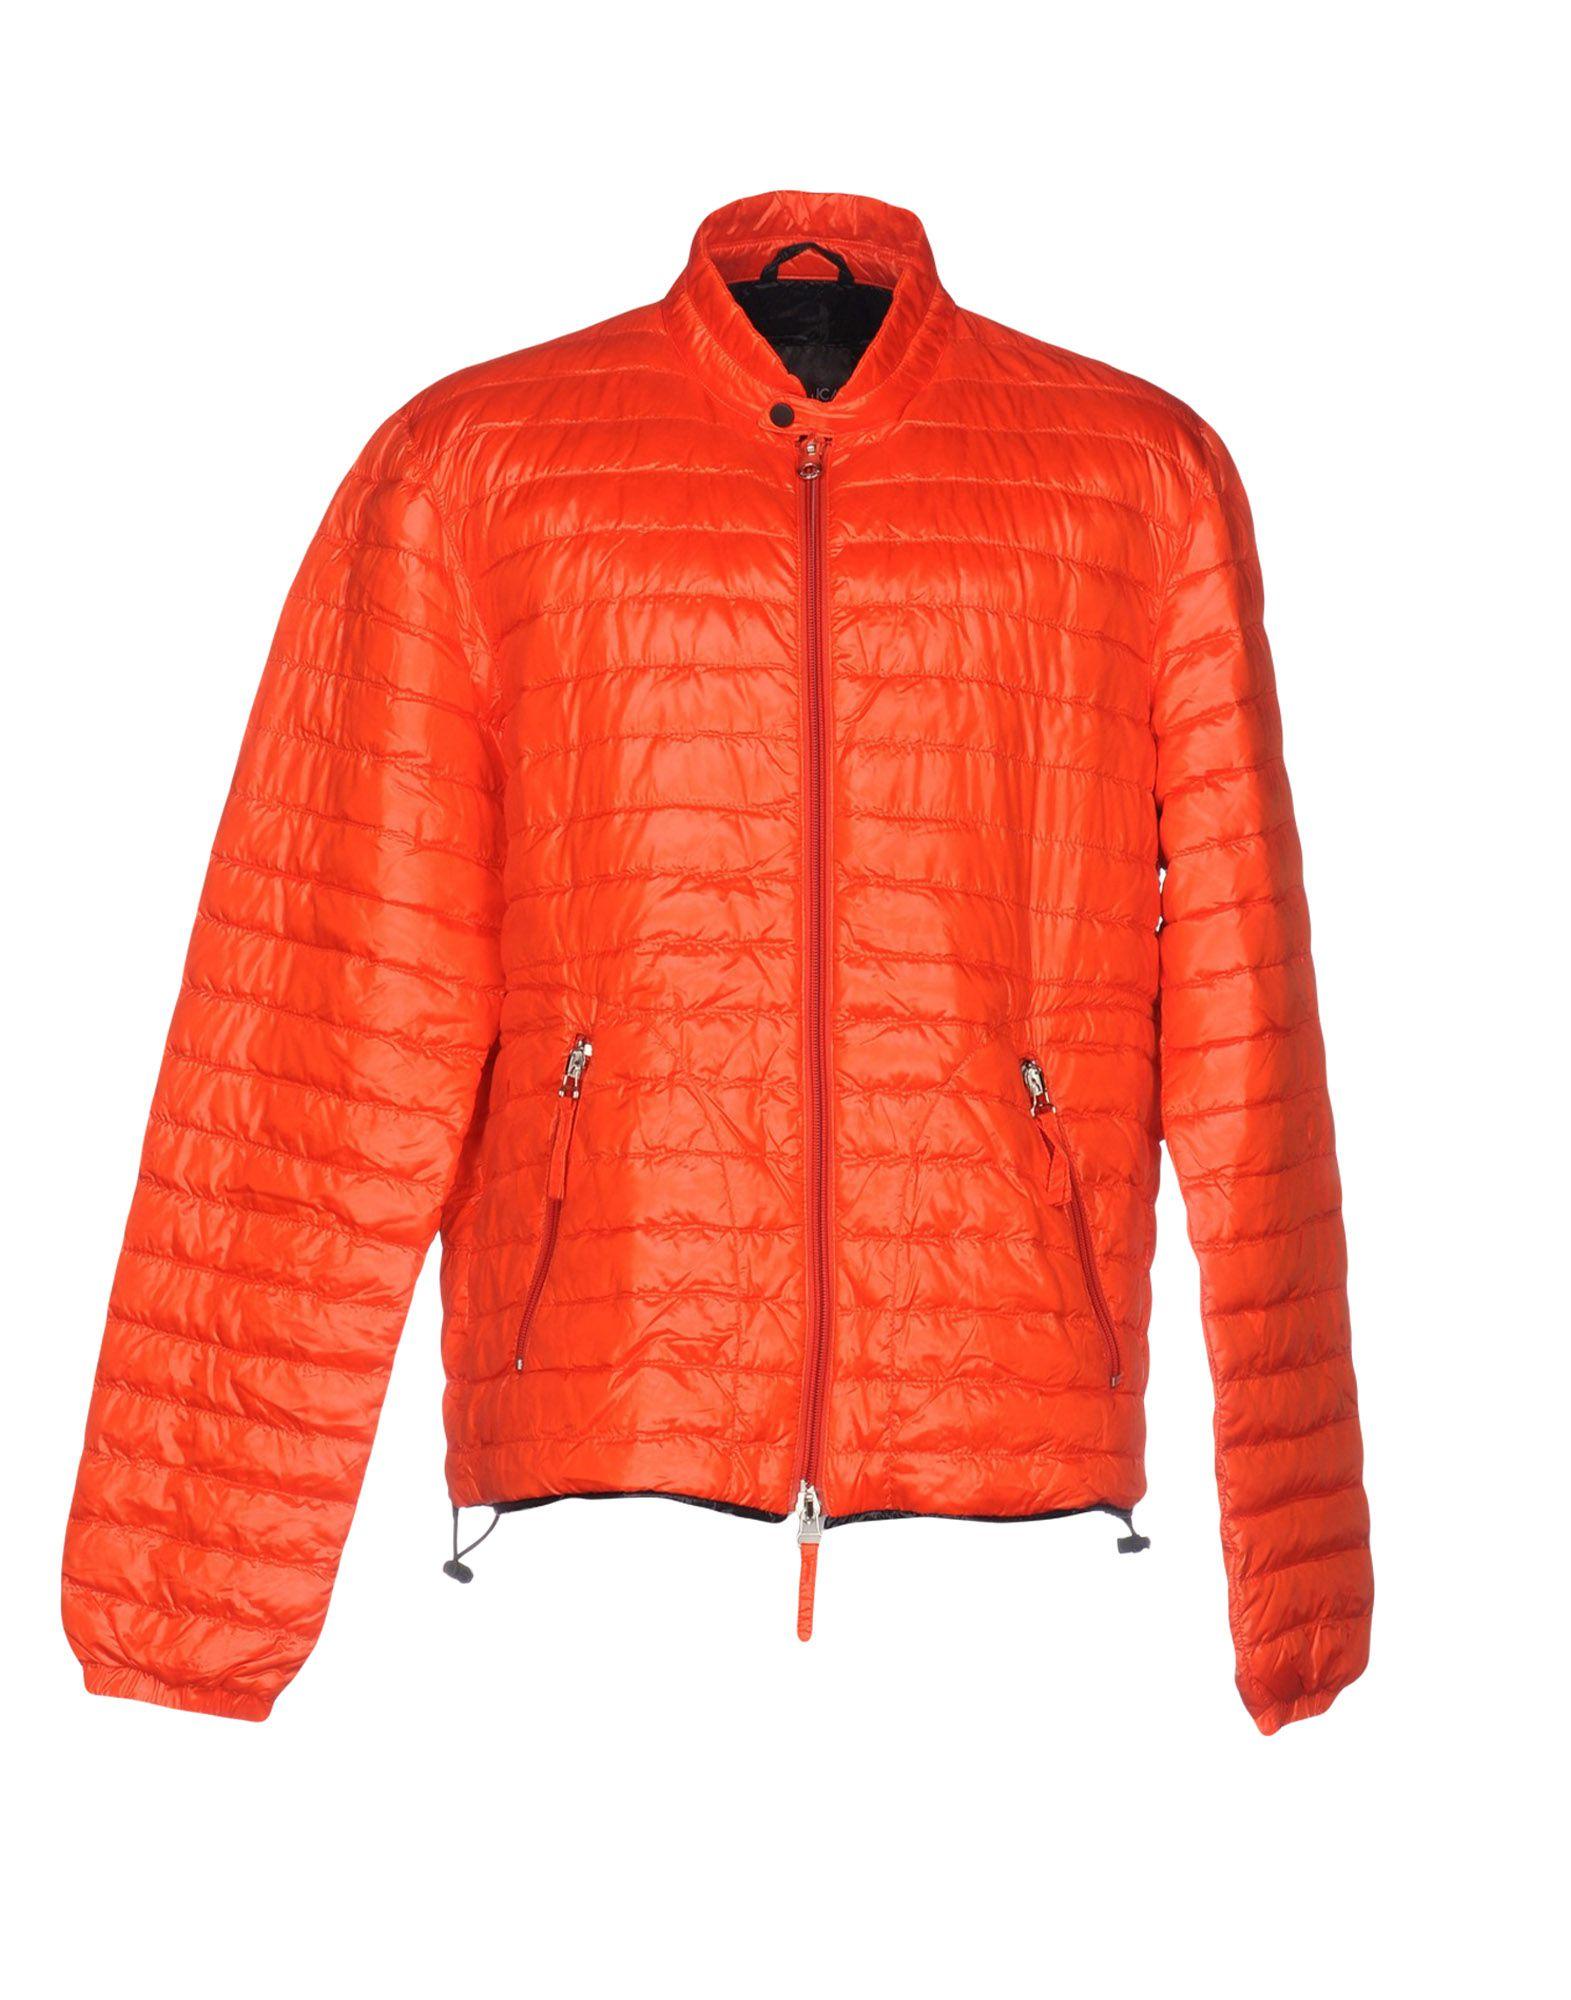 DUVETICA Herren Steppjacke Farbe Orange Größe 6 jetztbilligerkaufen